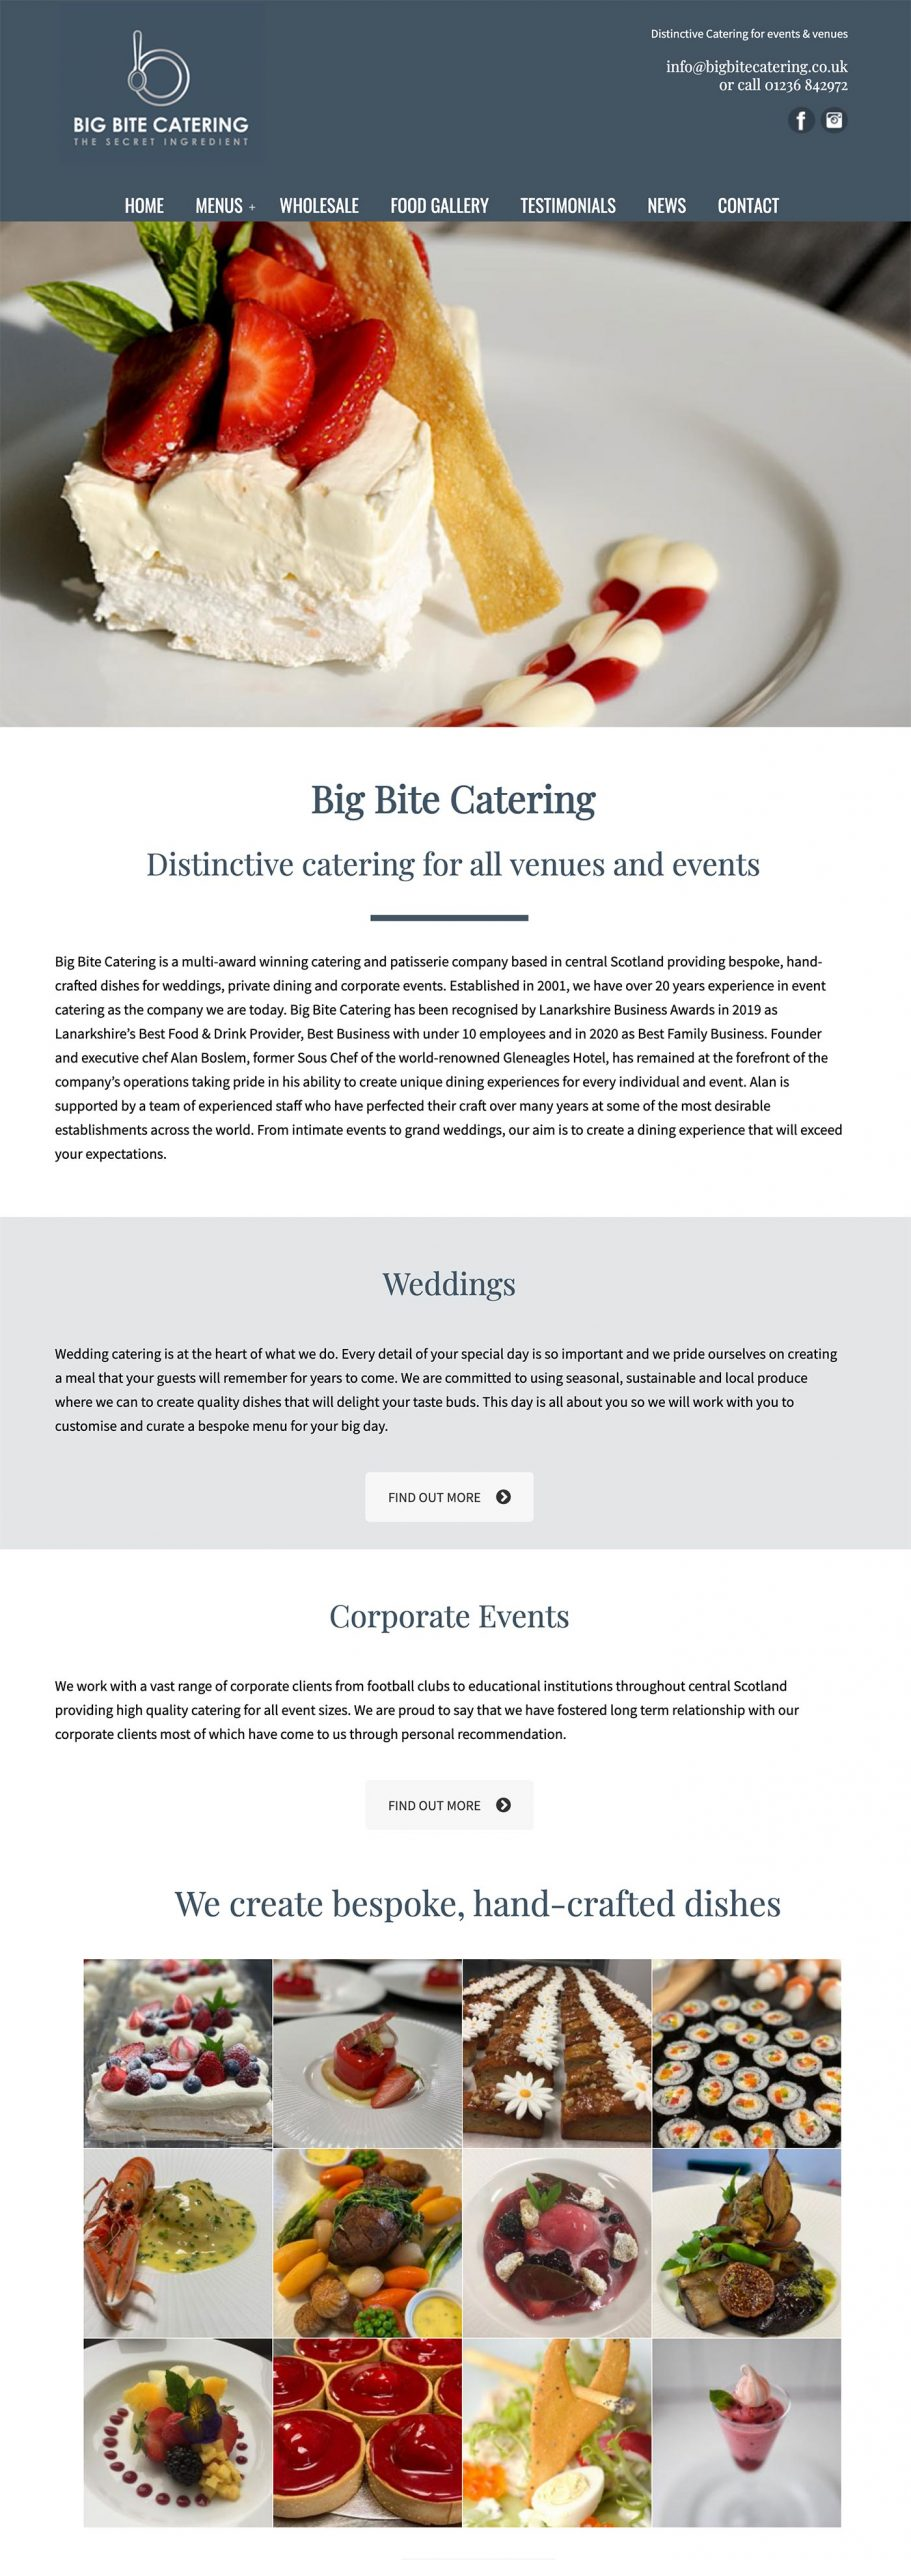 Big Bite Catering website